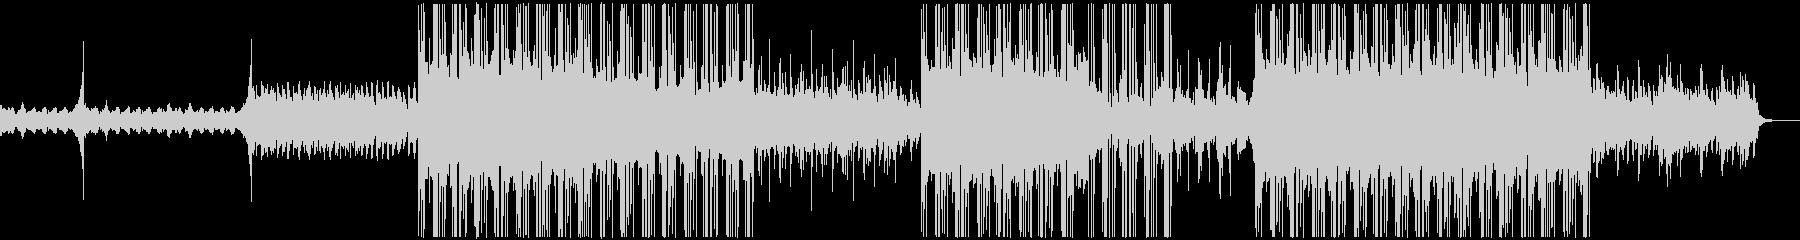 オルタナティブ・ロックテイストのBGMの未再生の波形